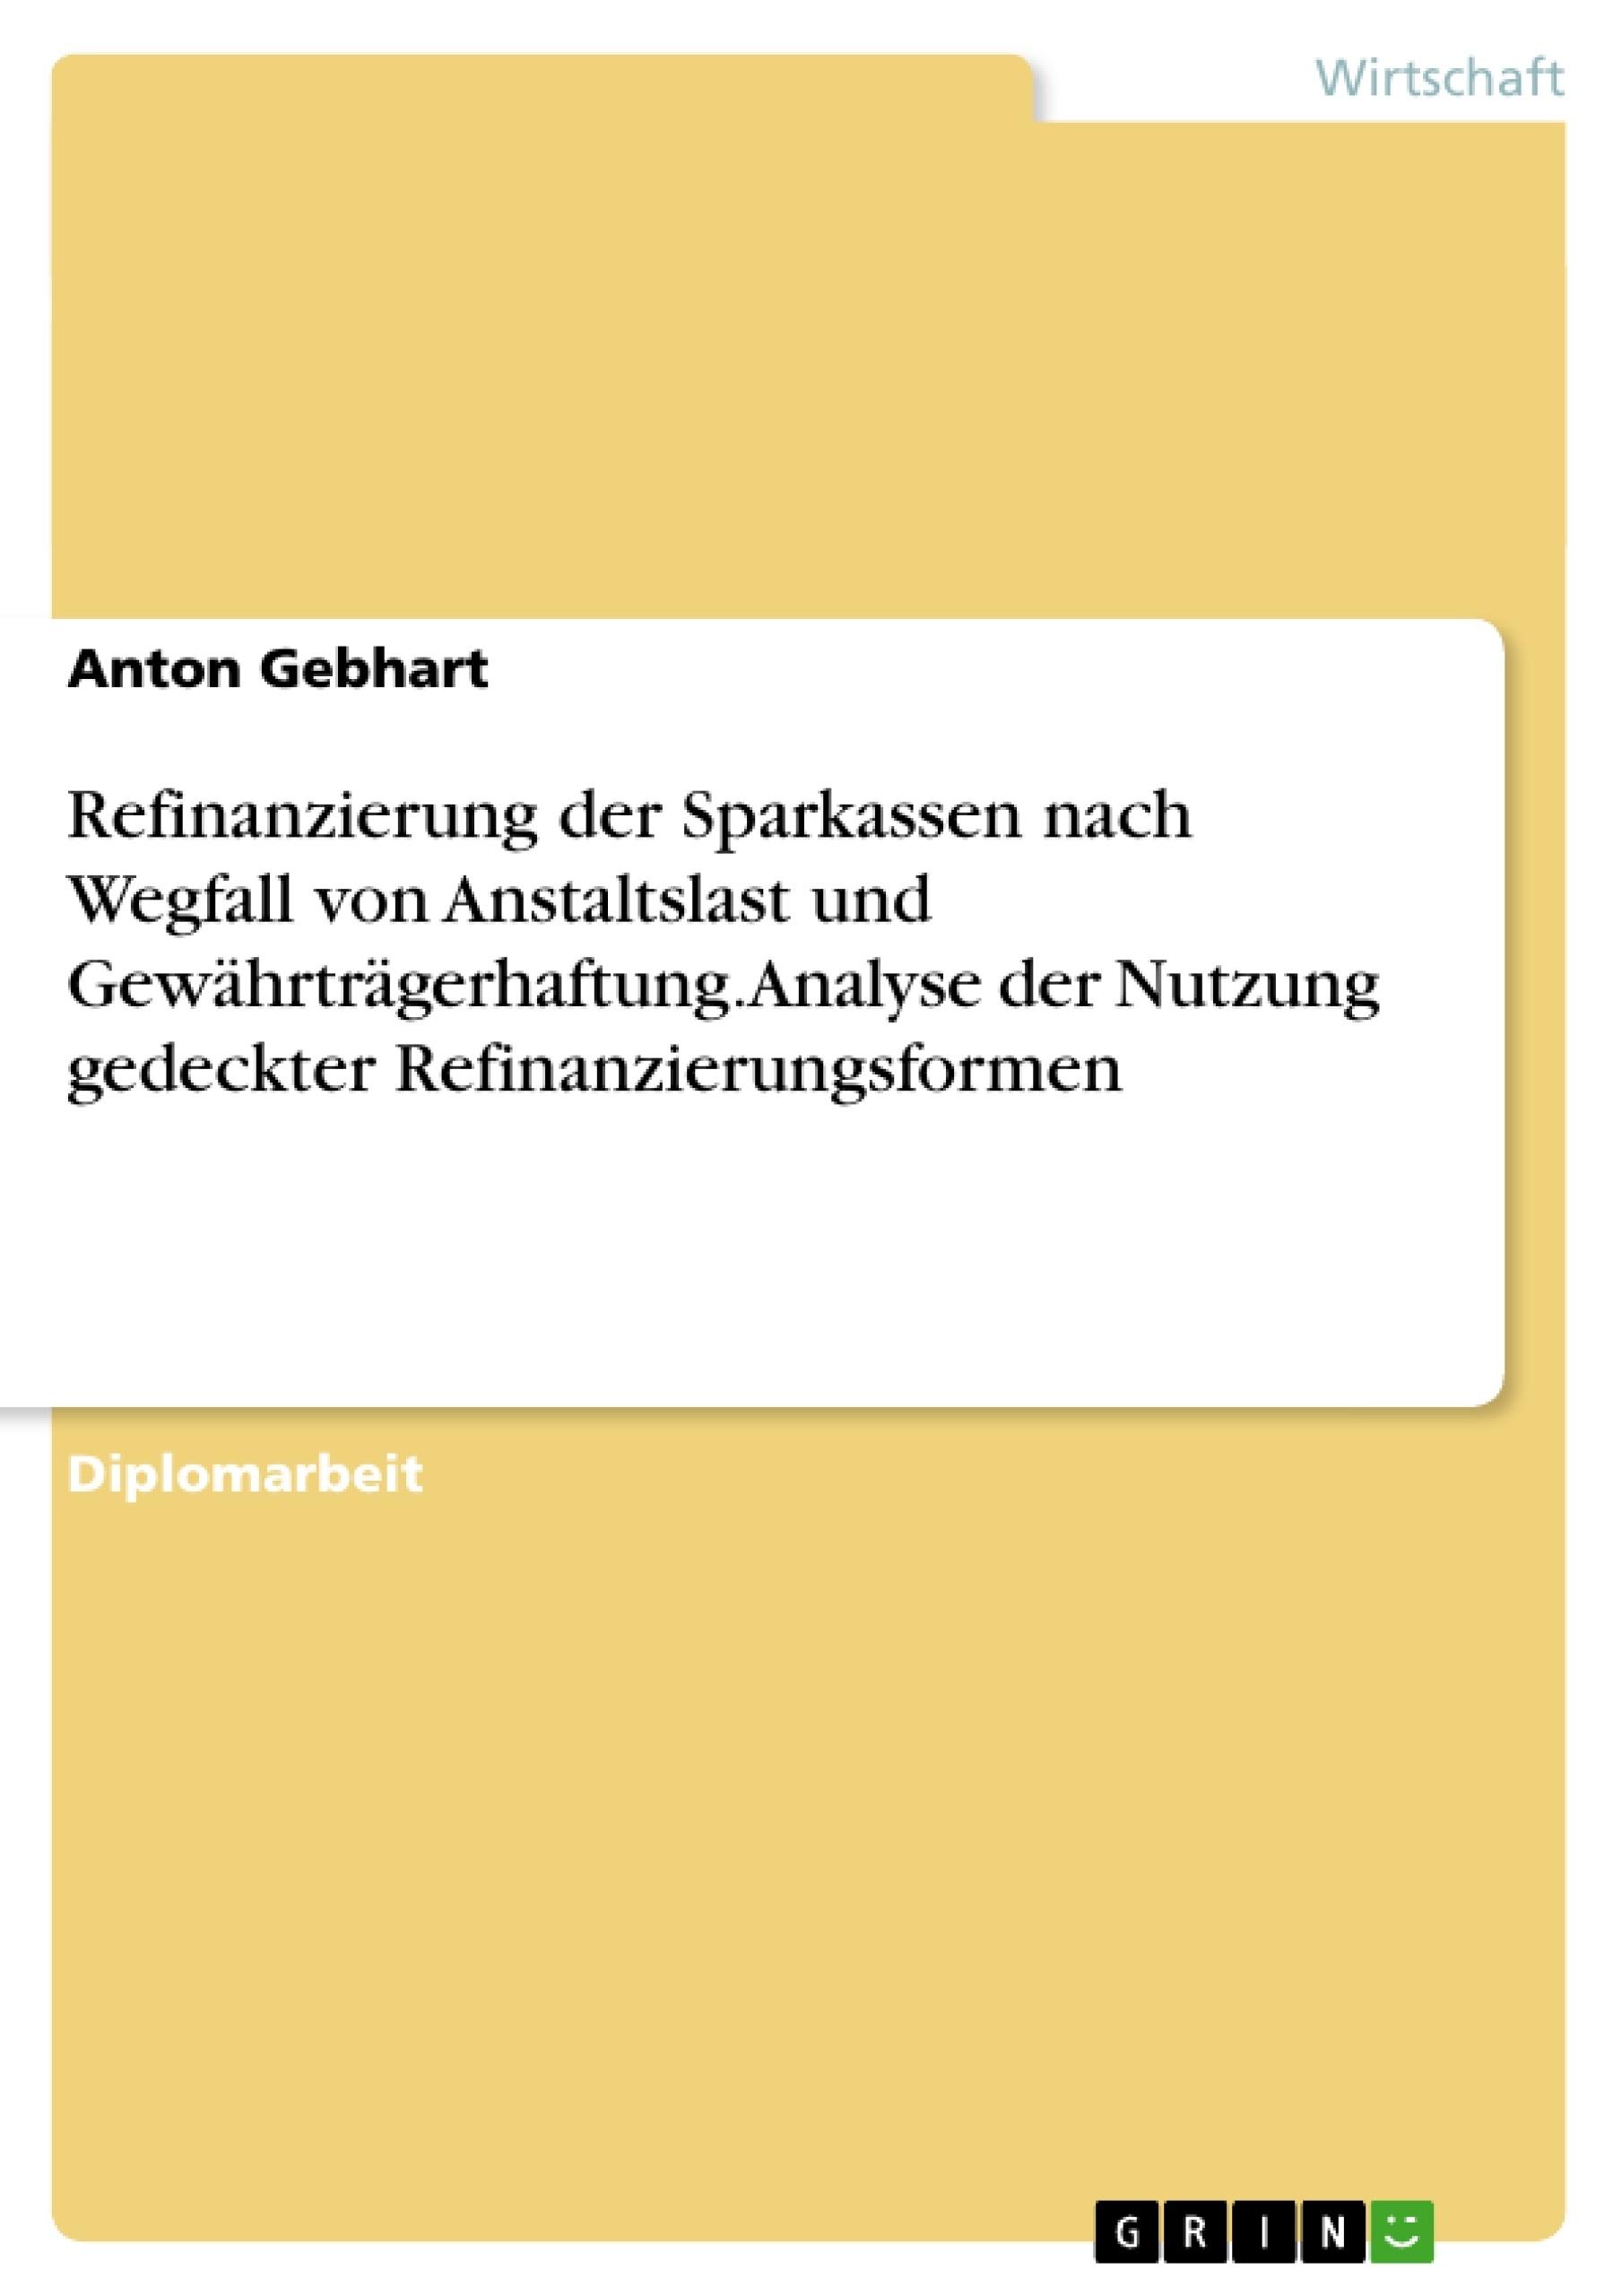 Titel: Refinanzierung der Sparkassen nach Wegfall von Anstaltslast und Gewährträgerhaftung. Analyse der Nutzung gedeckter Refinanzierungsformen